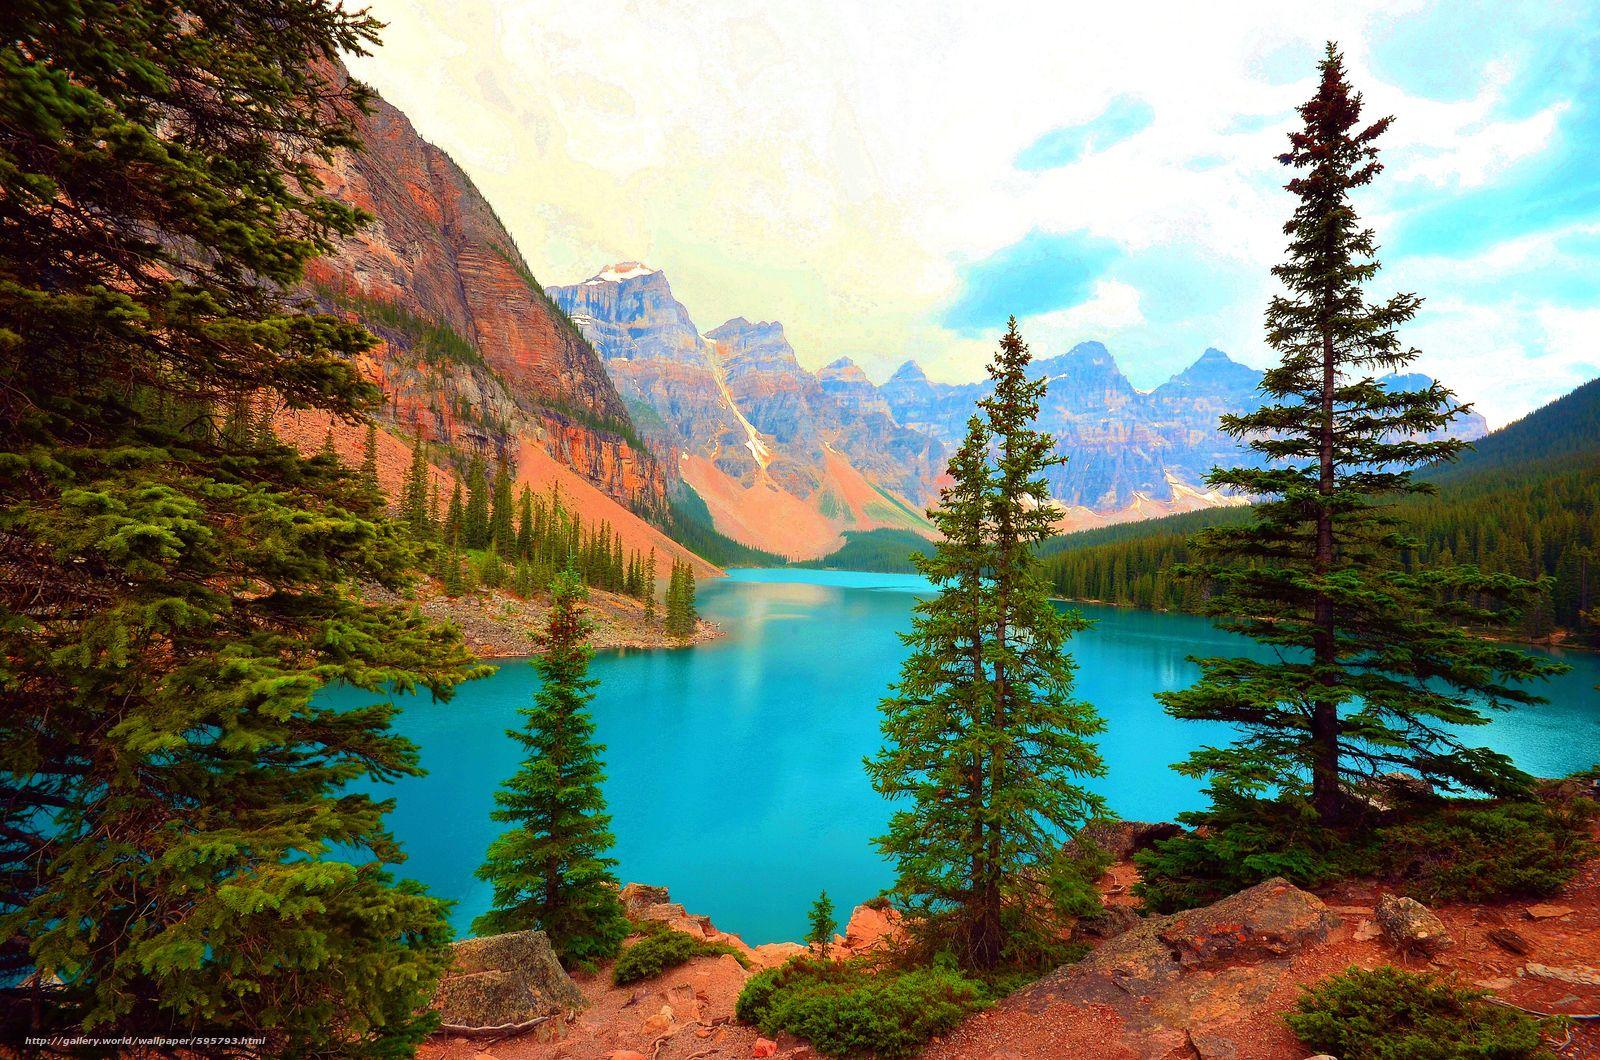 壁纸 风景 摄影 桌面 1600_1060